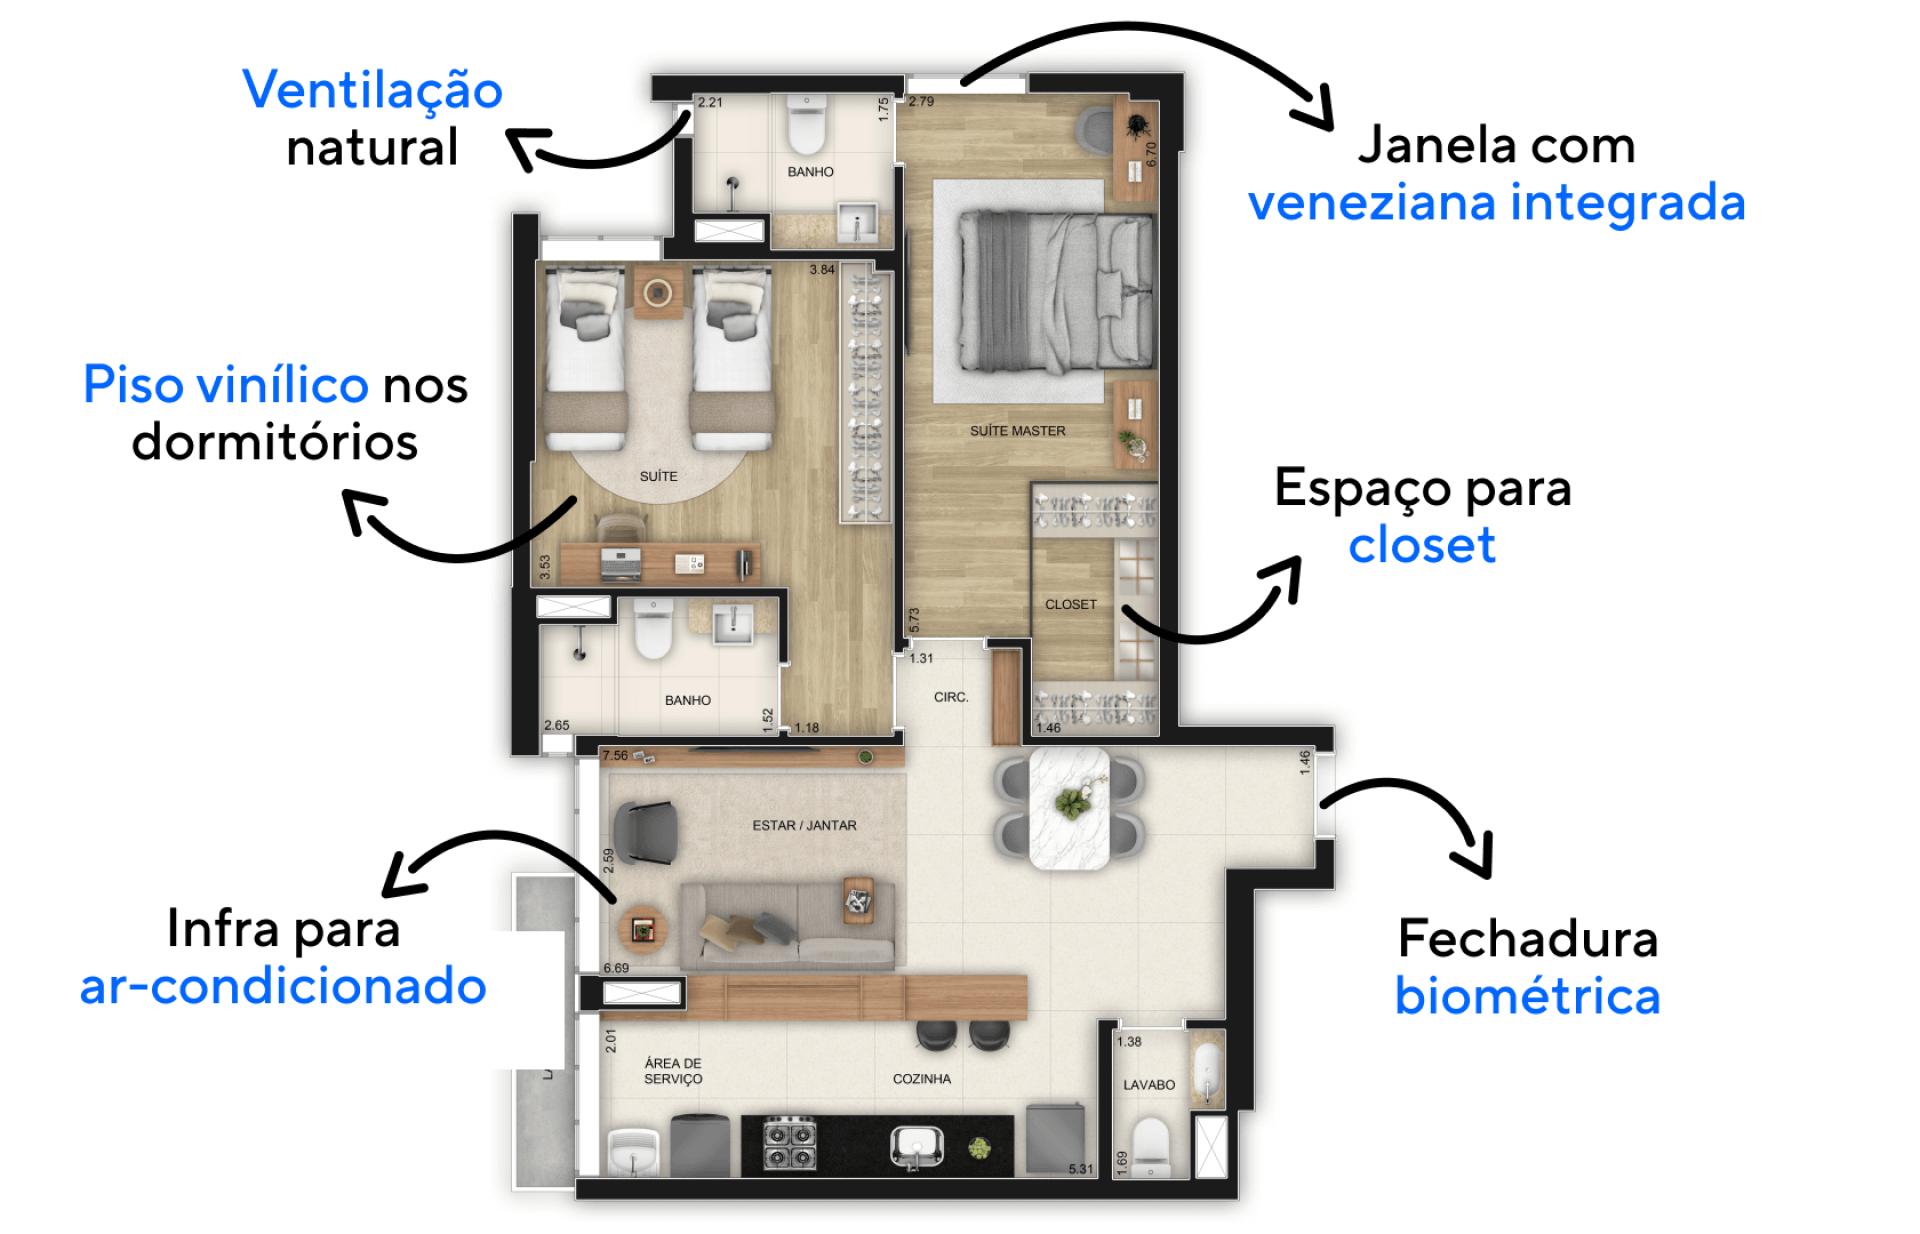 77 M² - 2 SUÍTES. FINAL 6 - 6° AO 14° PAVIMENTO. Apartamentos com amplas suítes permitindo uma ótima área de descanso e colocação de bancada para trabalho/estudos. Destaque para a suíte master, com espaço para cama king size e para closet.